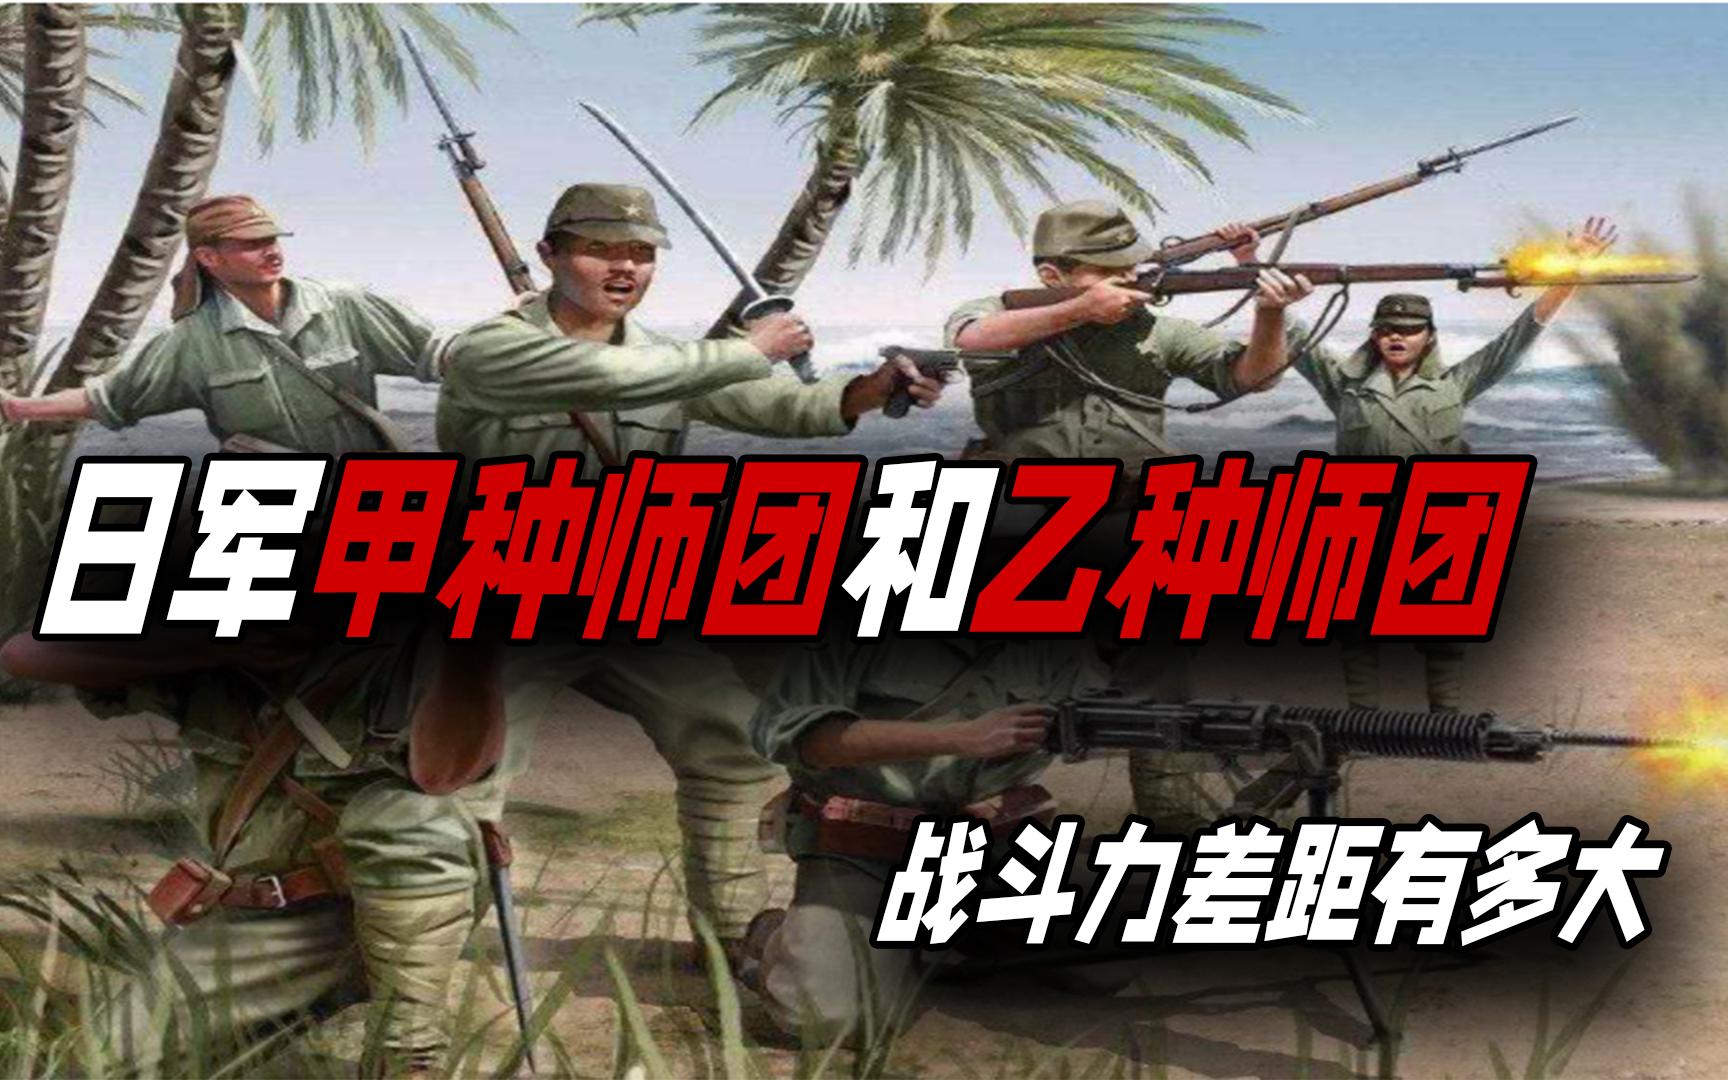 二战时期,日军的甲种师团和乙种师团的战斗力差距有多大?